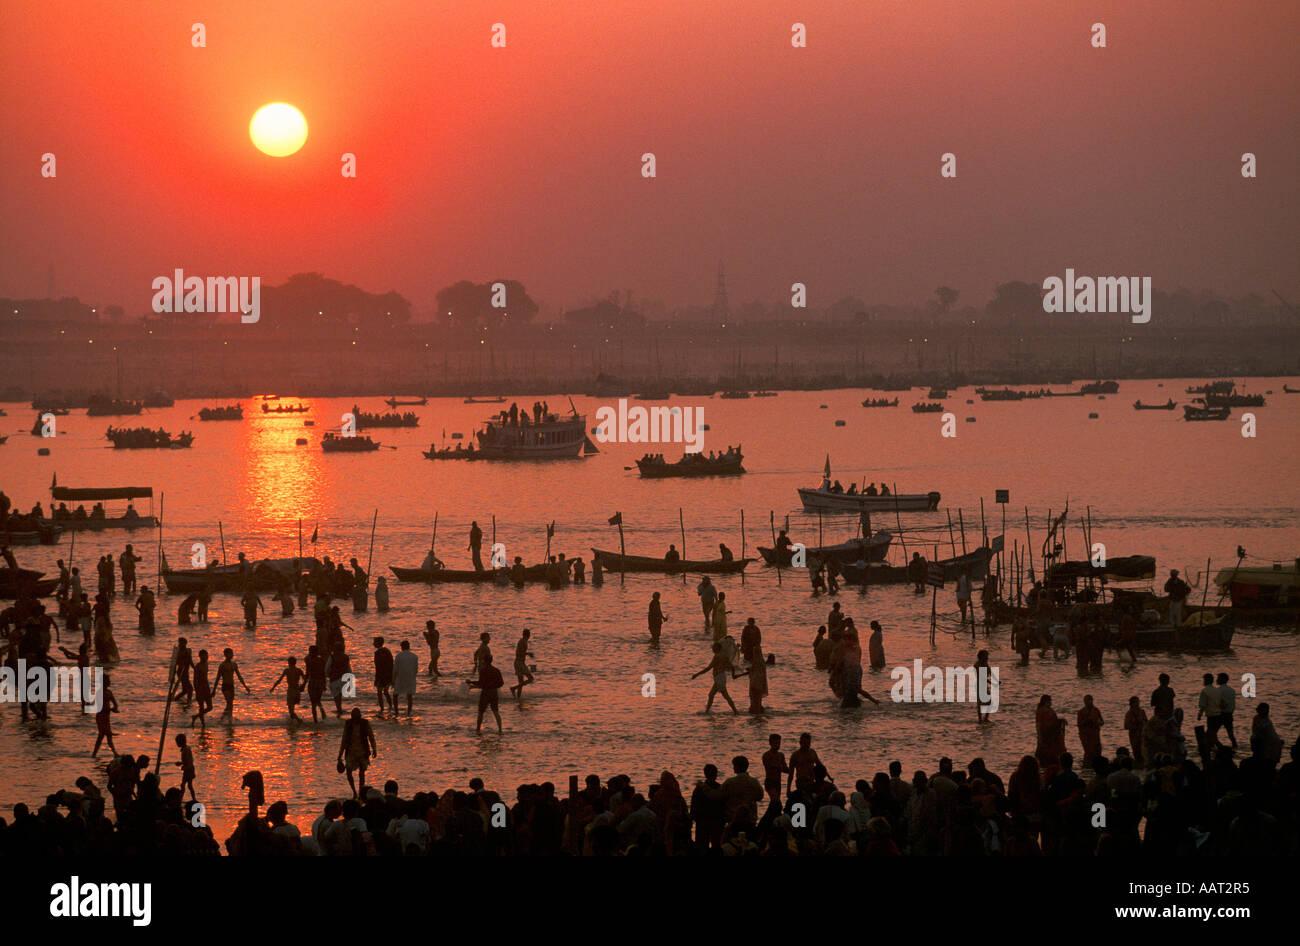 KUMBH MELA INDIA 2001 il sole tramonta oltre il KUMBH MELA il più grande raduno di persone assemblati insieme sulla terra 2001 Foto Stock